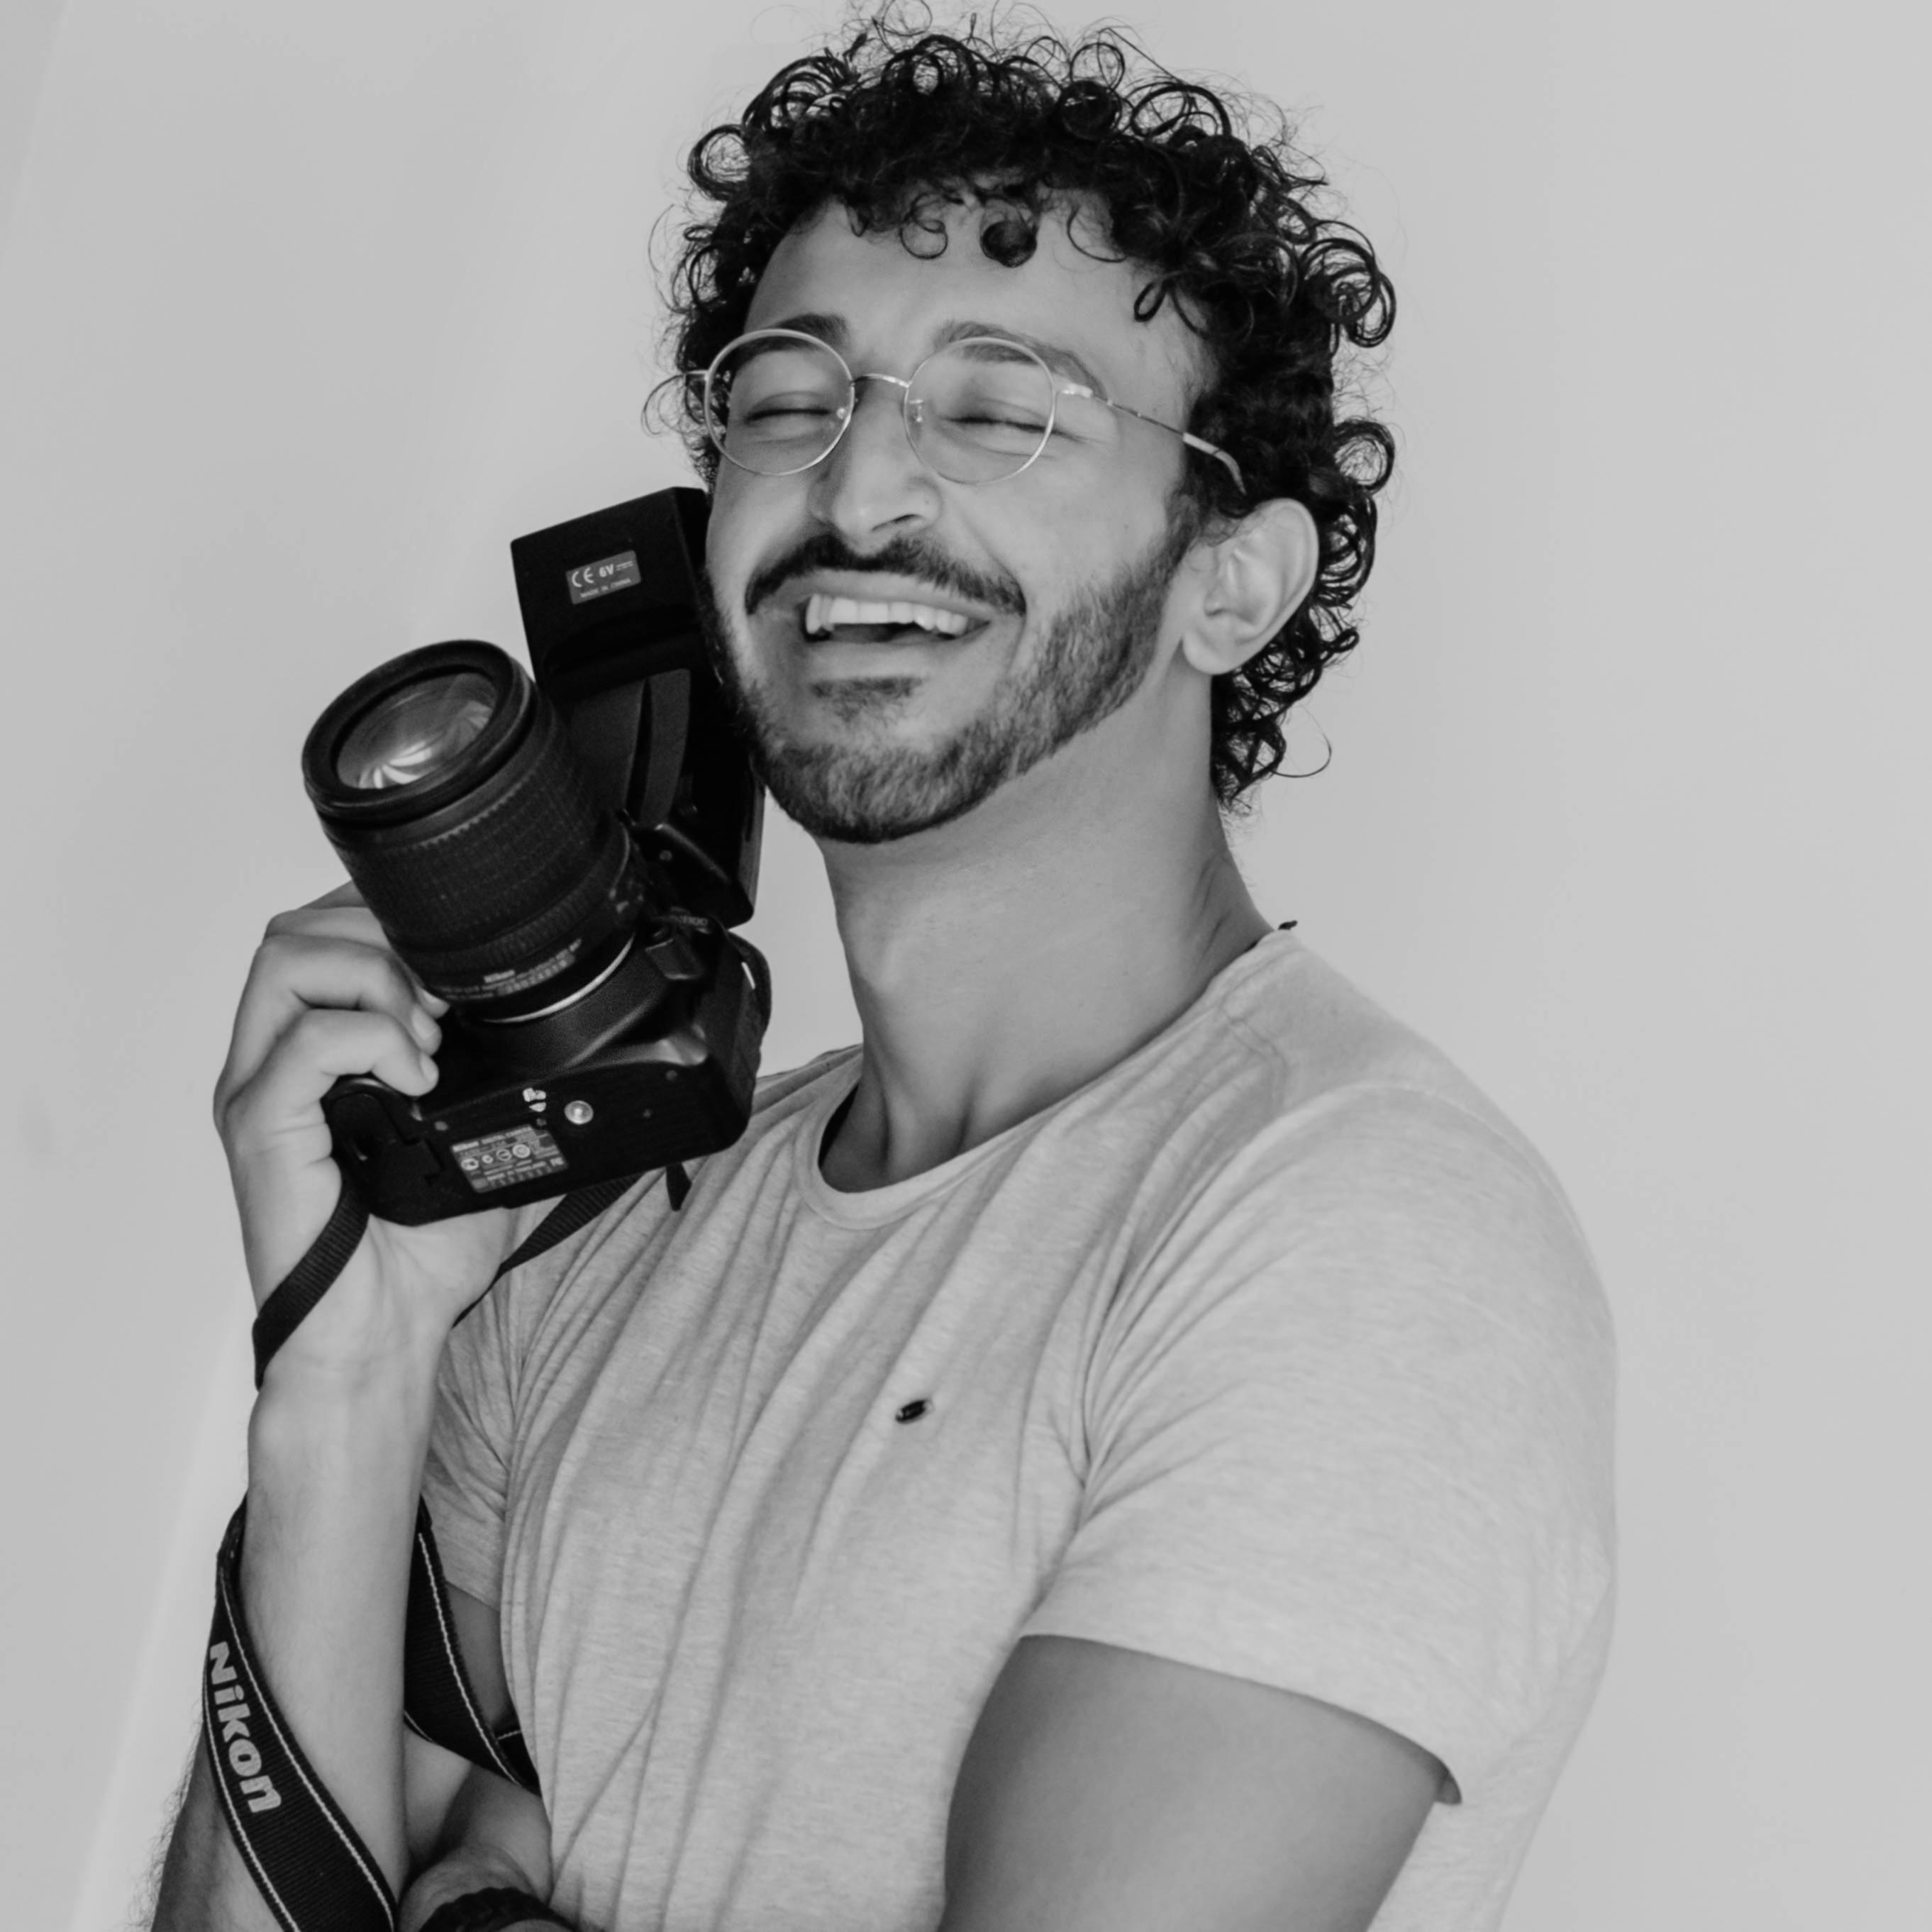 Sobre Fotógrafo em ferraz de vasconcelos - São Paulo, Casamento, Família e Ensaios - Guaianases, Zona leste São Paulo, SP